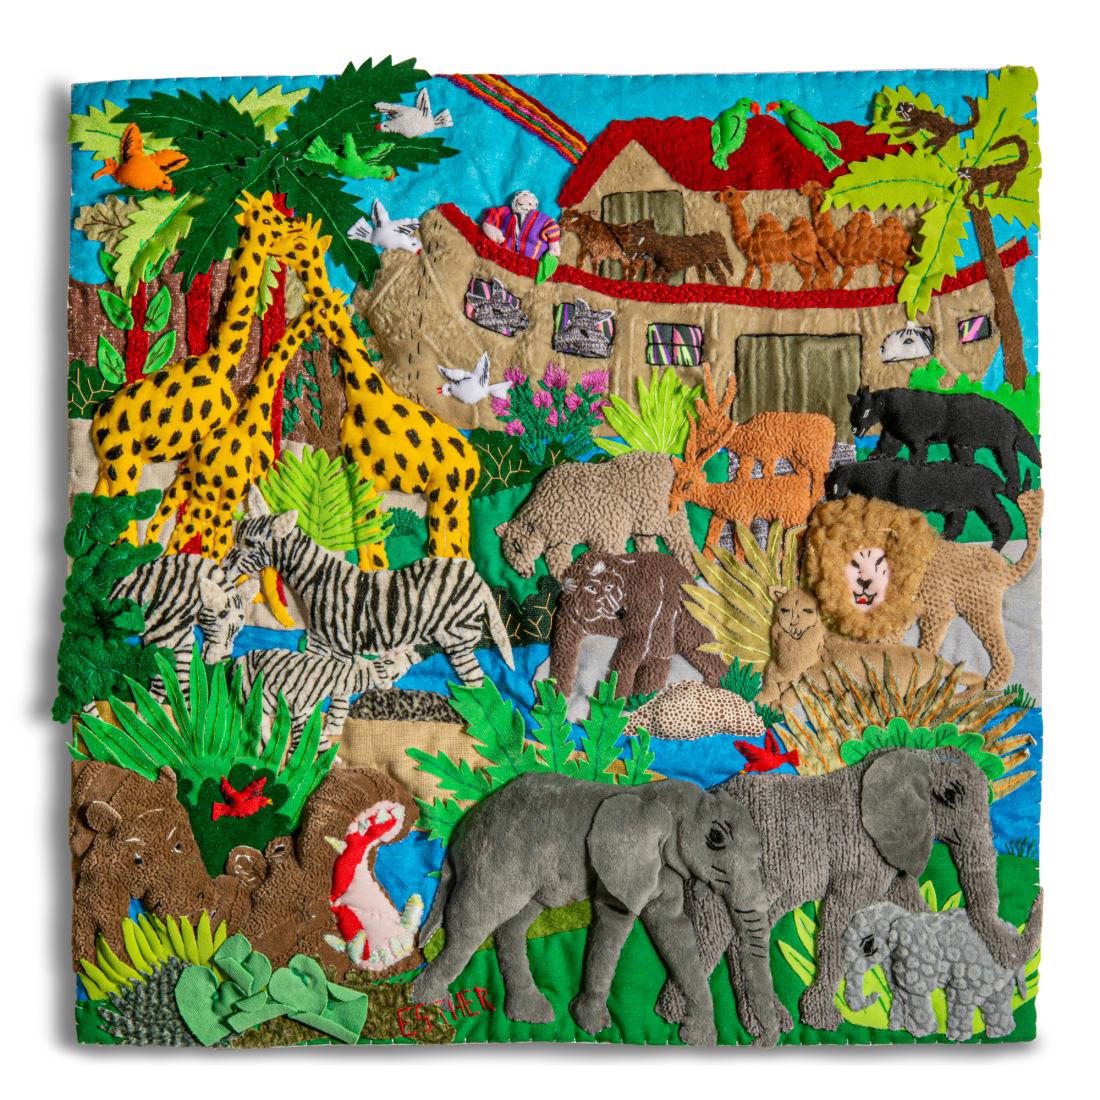 Noah's Ark - Small